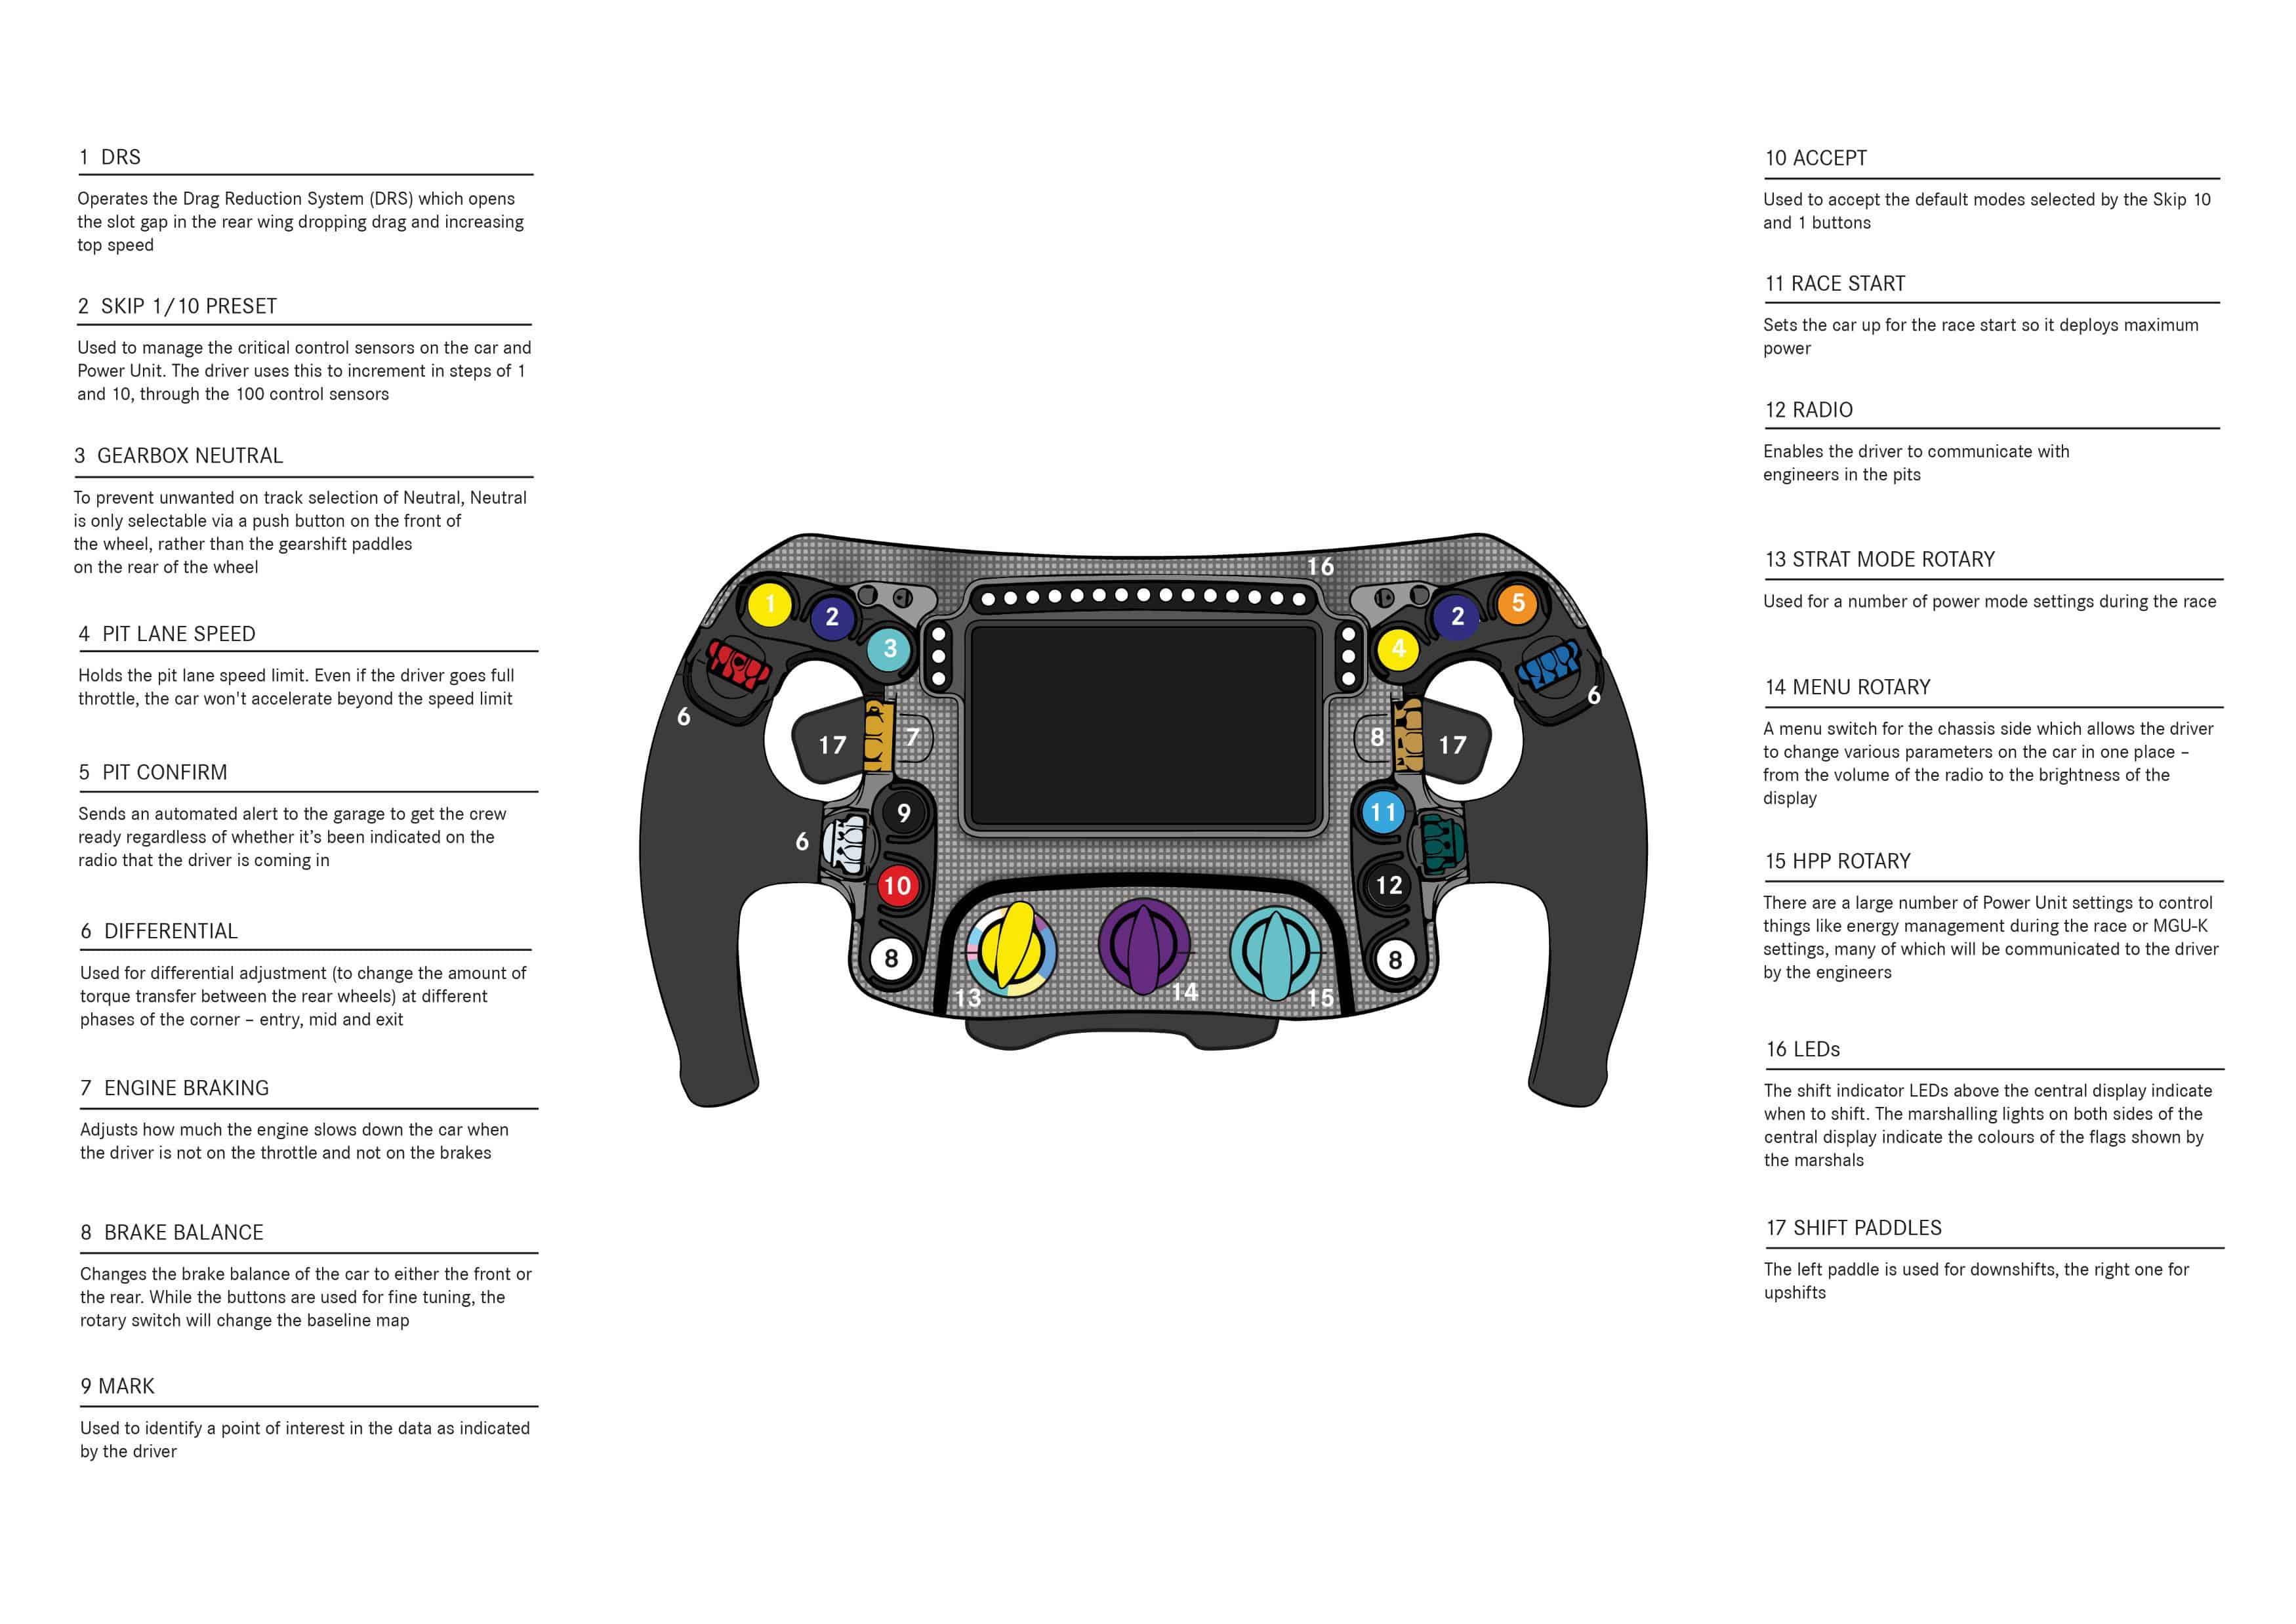 2018 F1 Mercedes steering wheel explained Photo Daimler